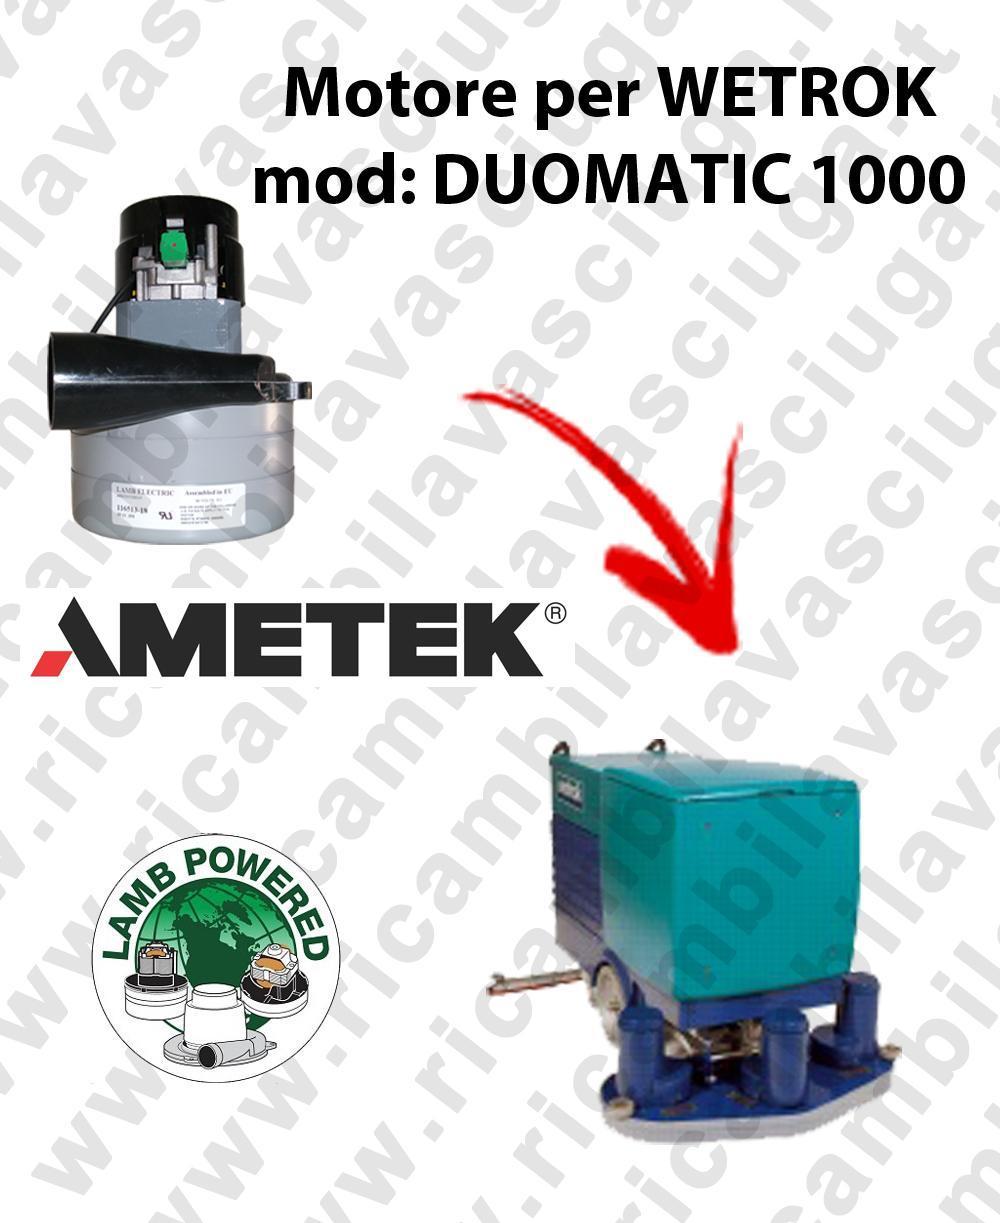 DUOMATIC 1000 LAMB AMETEK vacuum motor for scrubber dryer WETROK